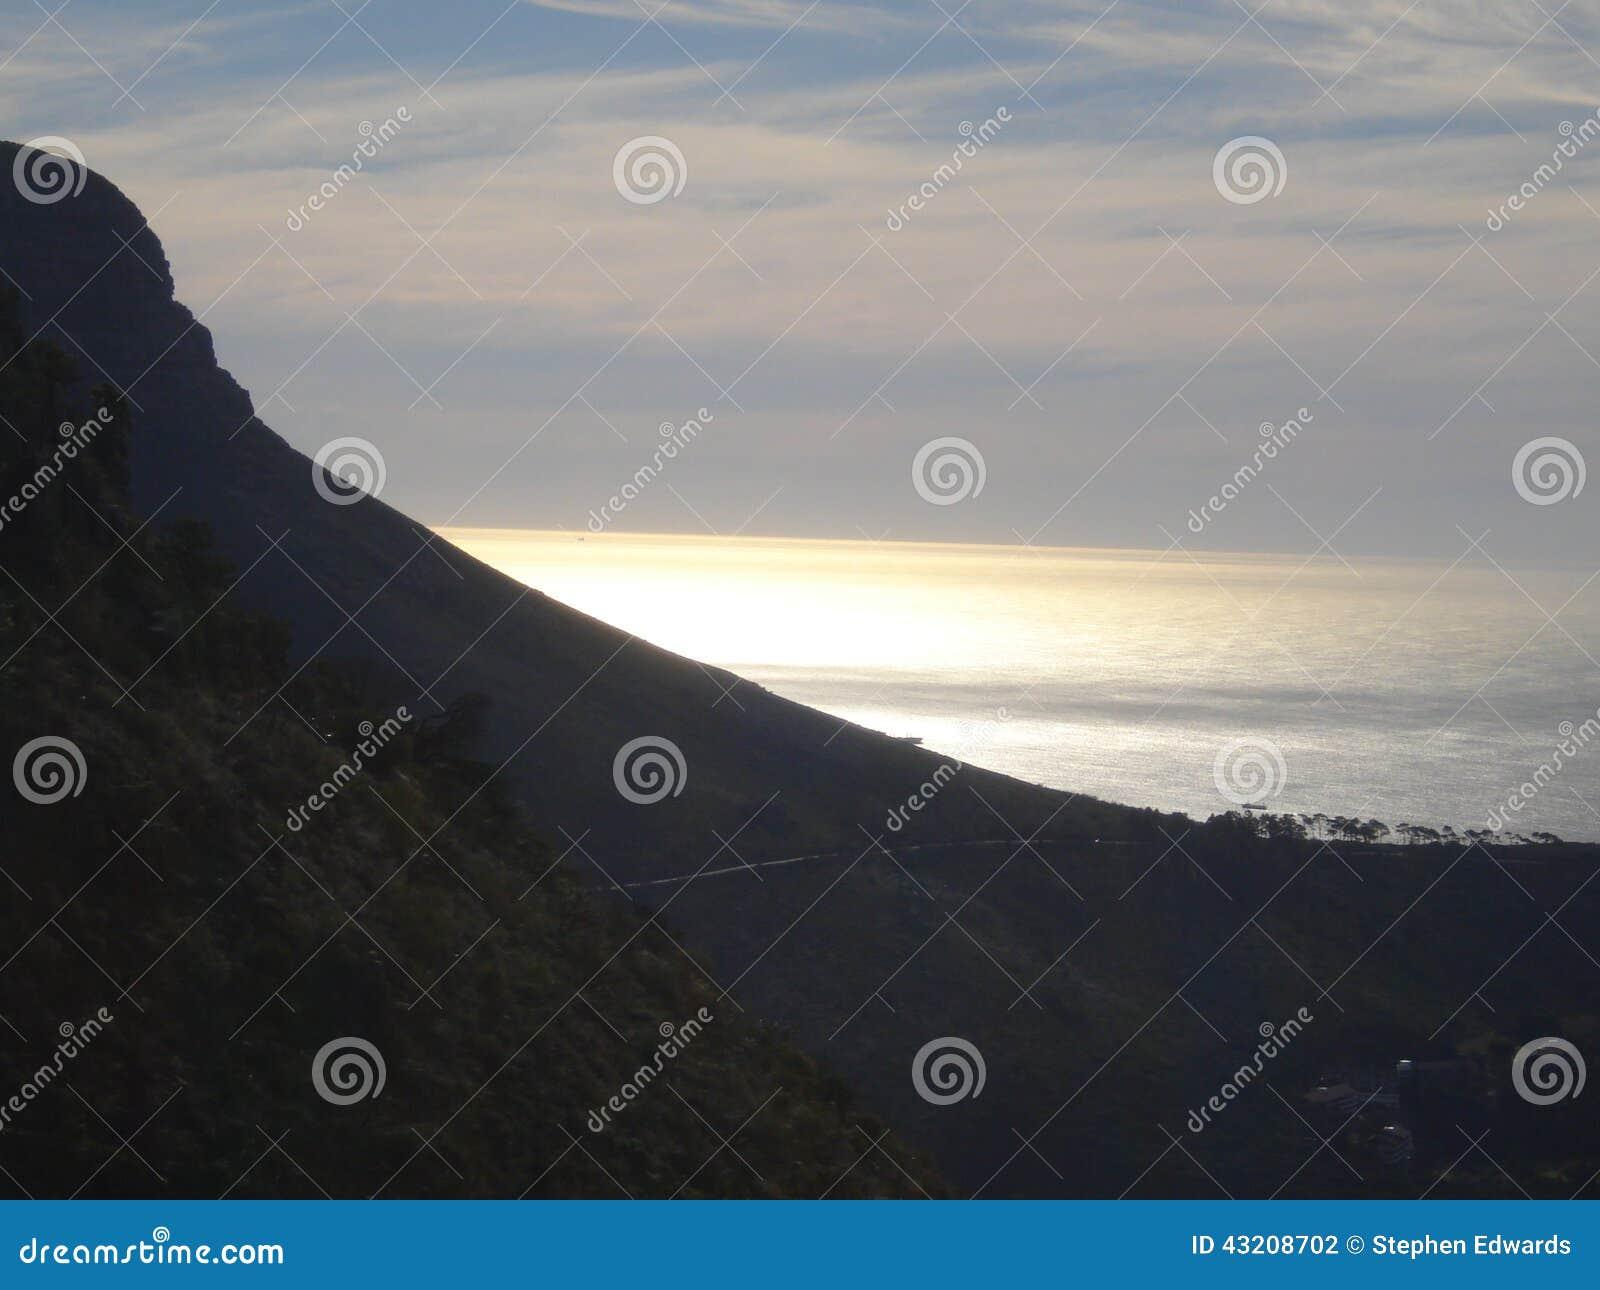 Download Södra - Afrikansk Solnedgång över Havet Arkivfoto - Bild av seascape, pittoreskt: 43208702